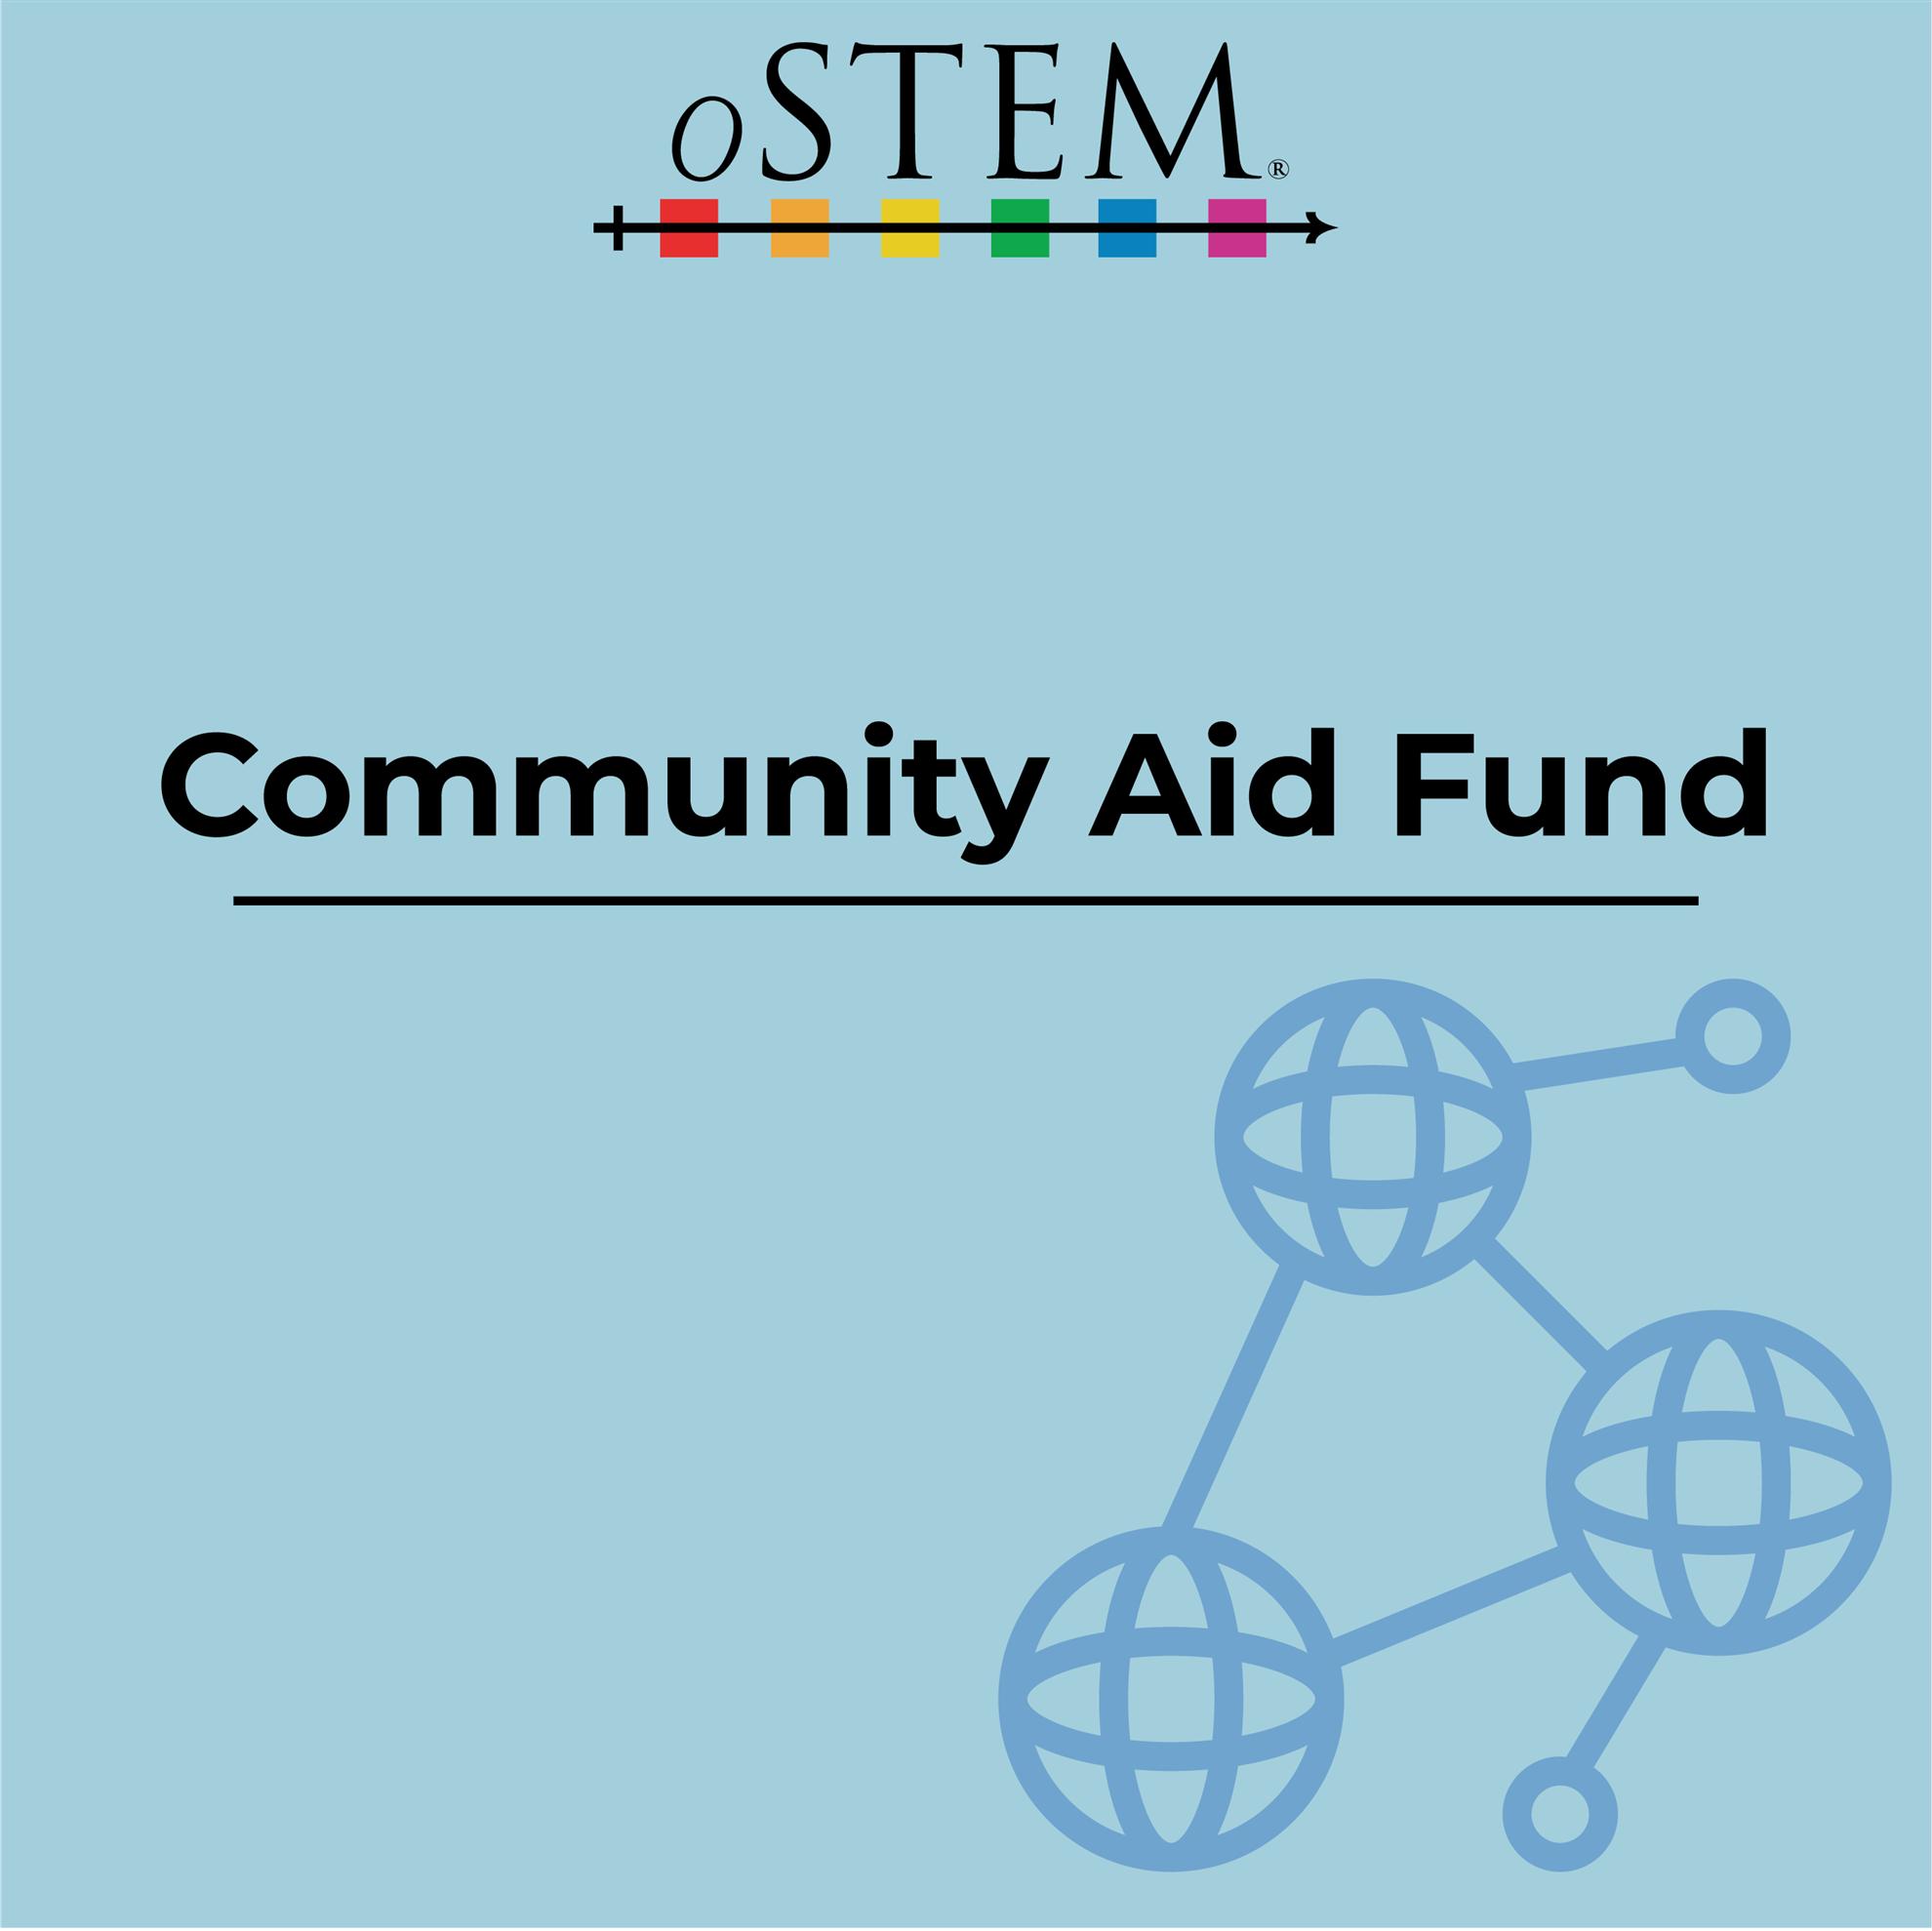 Community Aid Fund